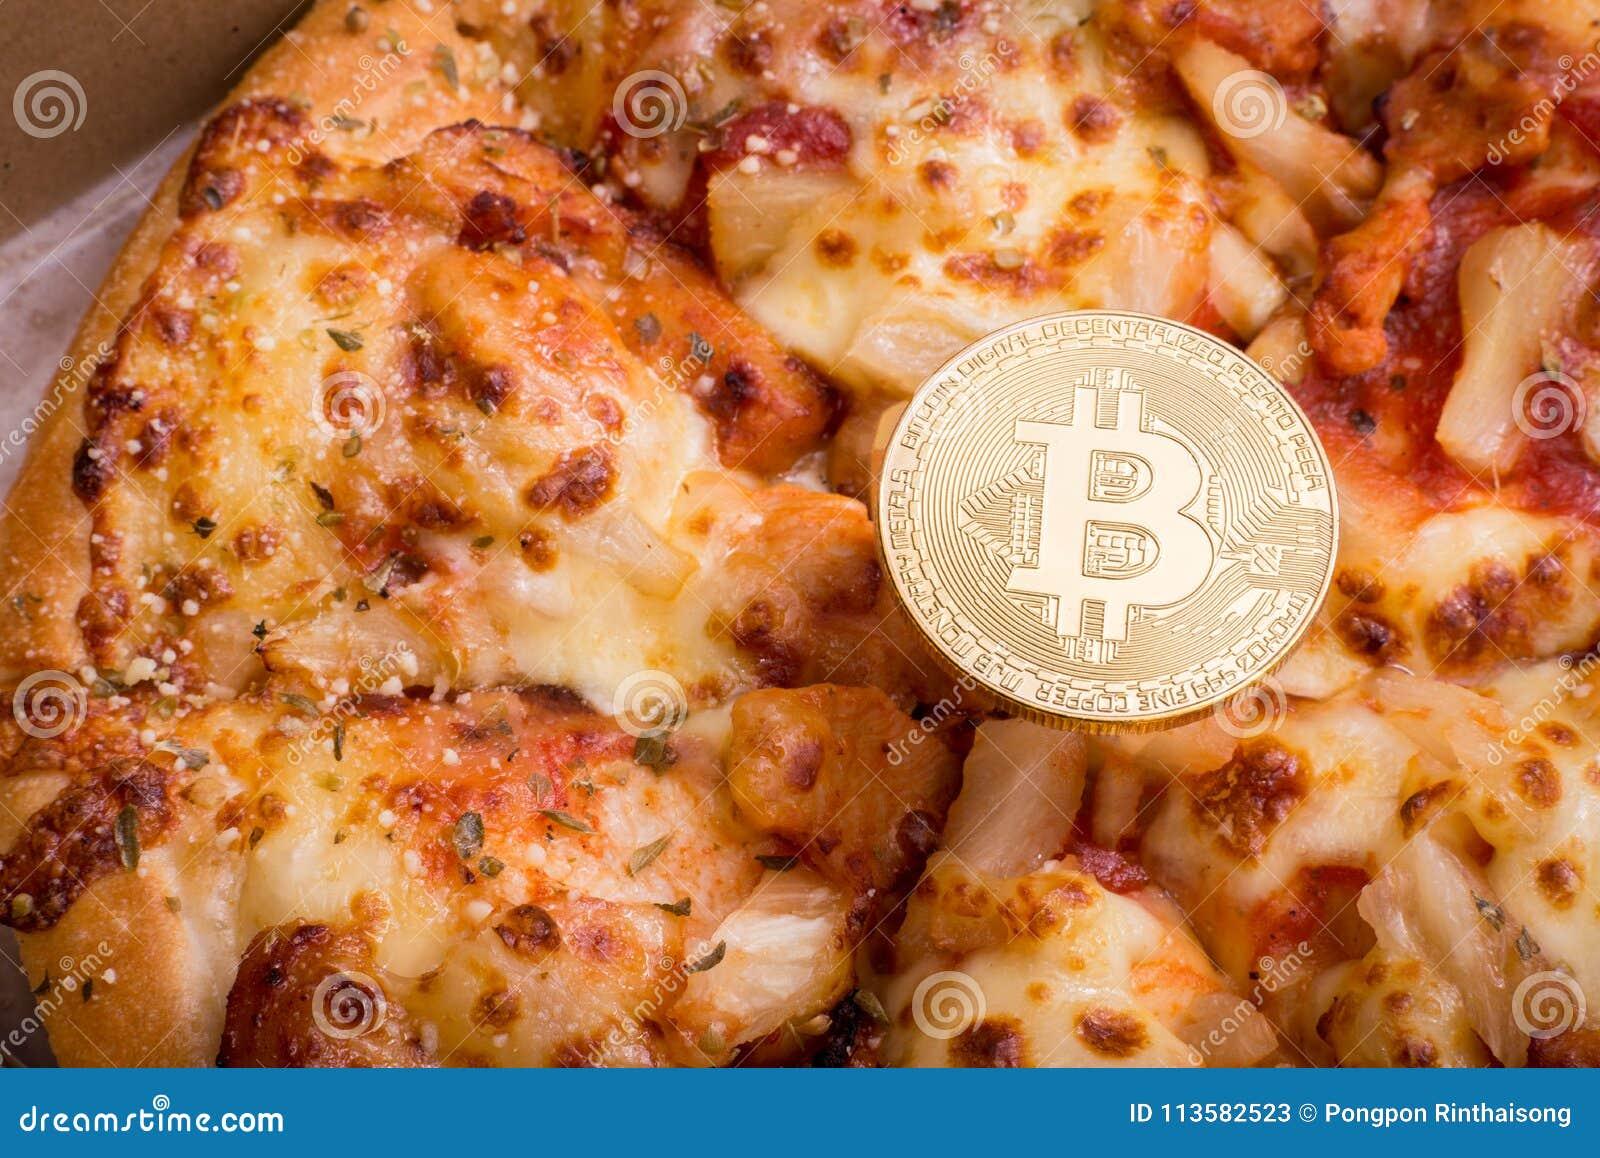 acquisto pizza bitcoin